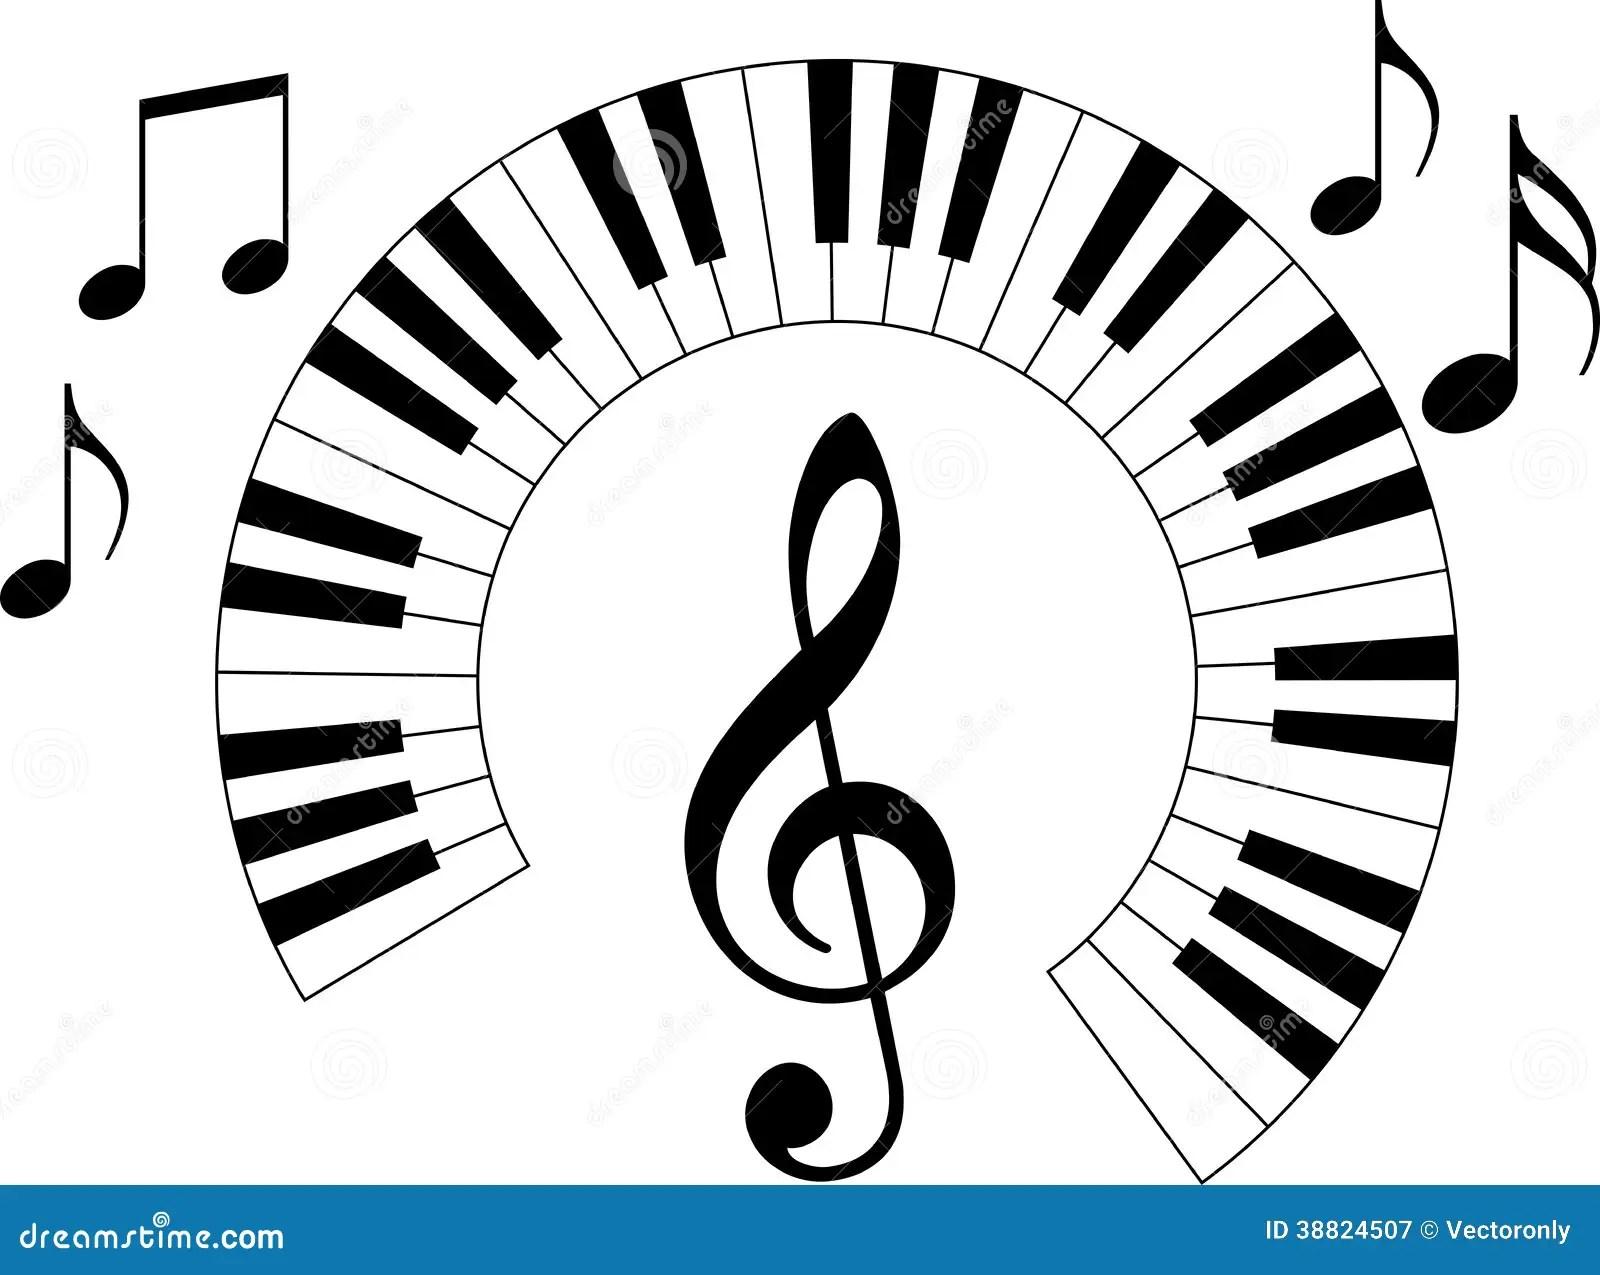 Major Piano Keys